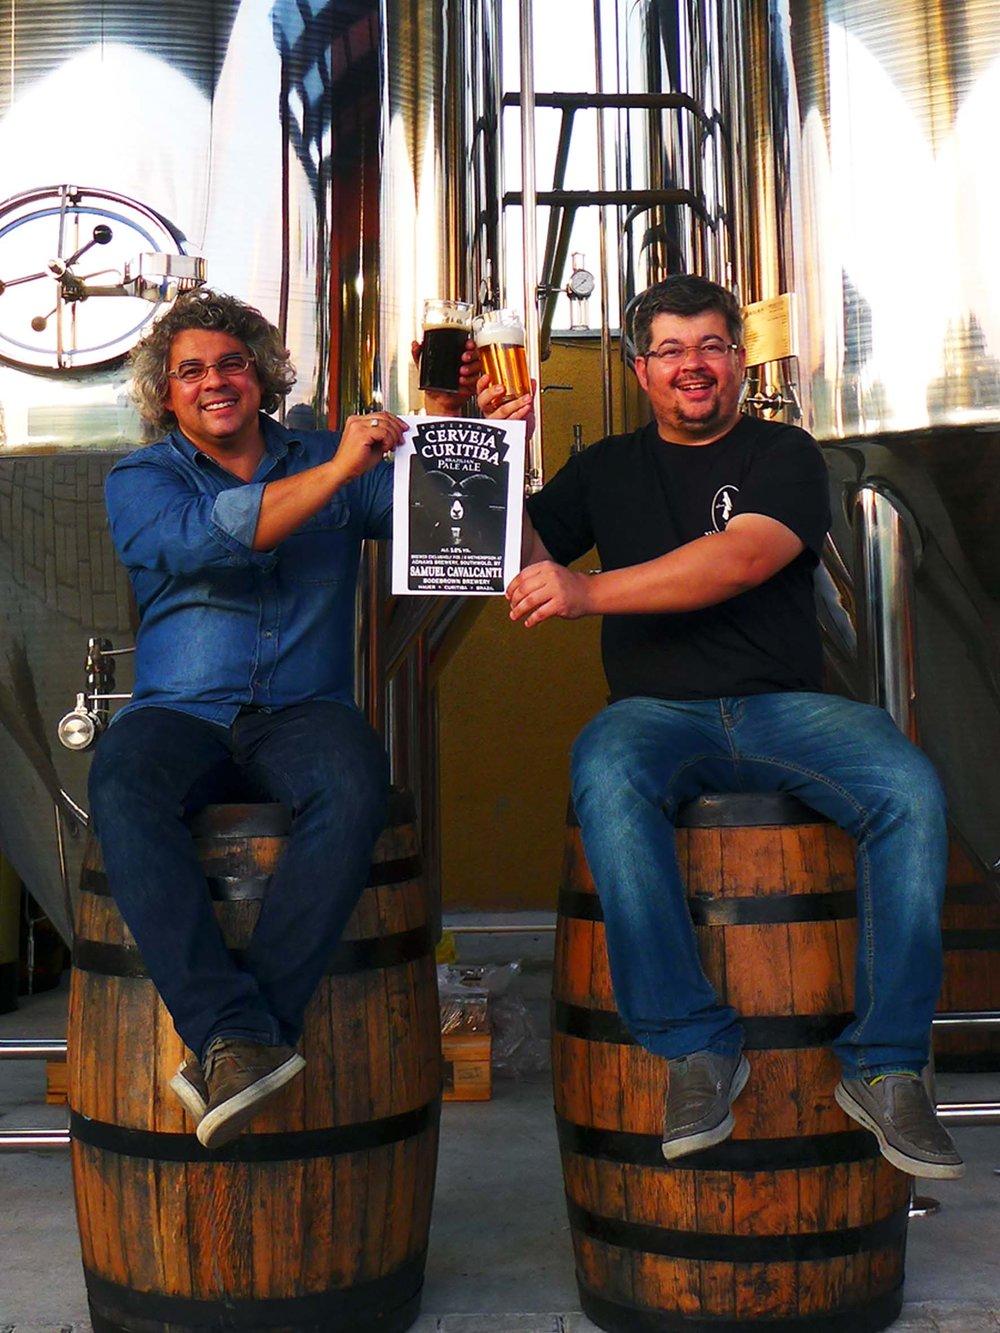 Os irmãos Samuel e Paulo Cavalcanti, da cervejaria de Curitiba, produziram receitas em diferentes fábricas britânicas (Foto: Divulgação)